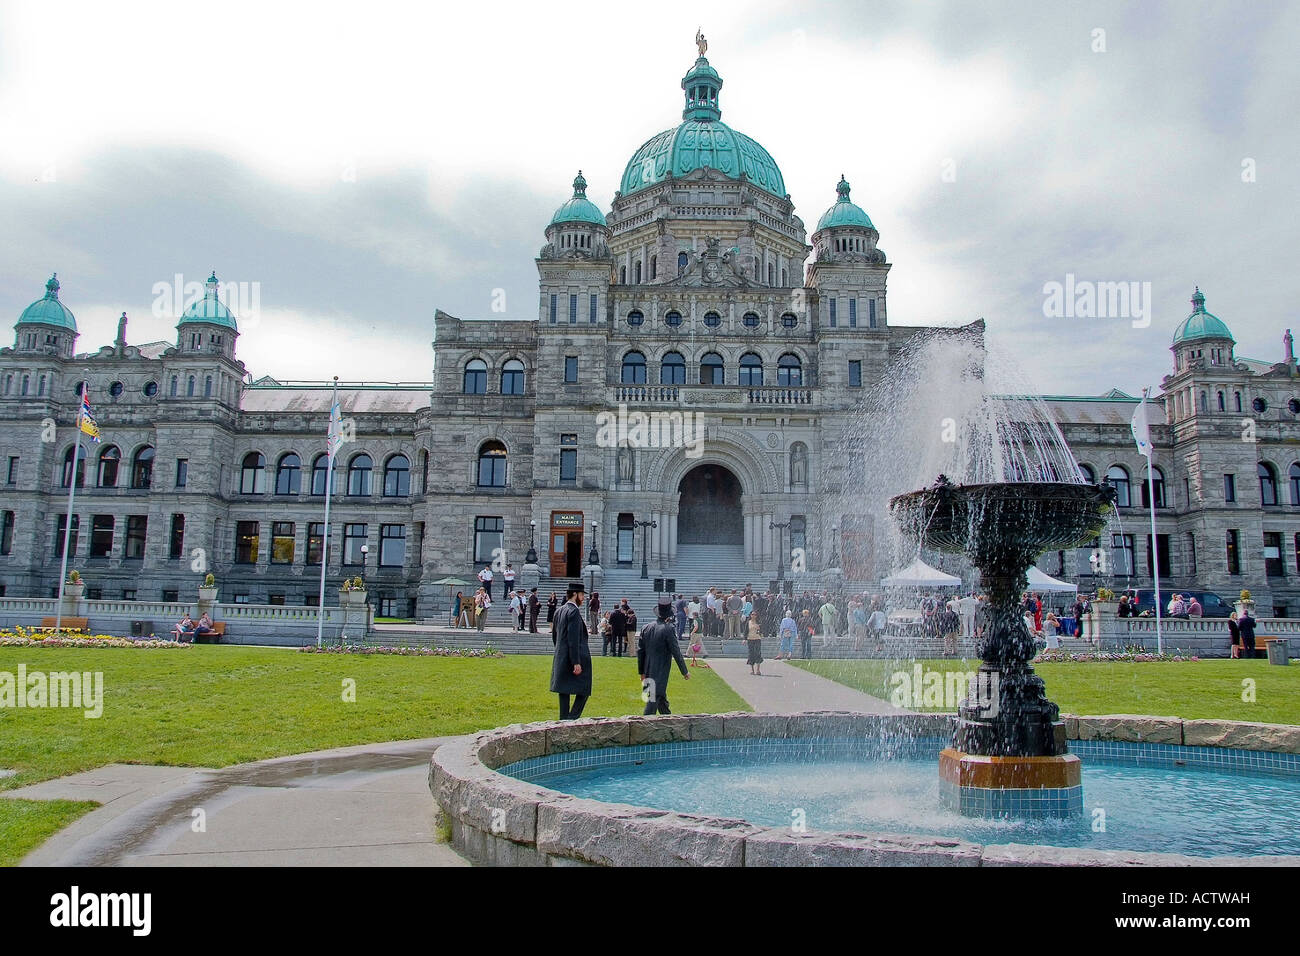 Victoria Island Bc >> Parliament House Of Victoria Island Bc Canada Stock Photo